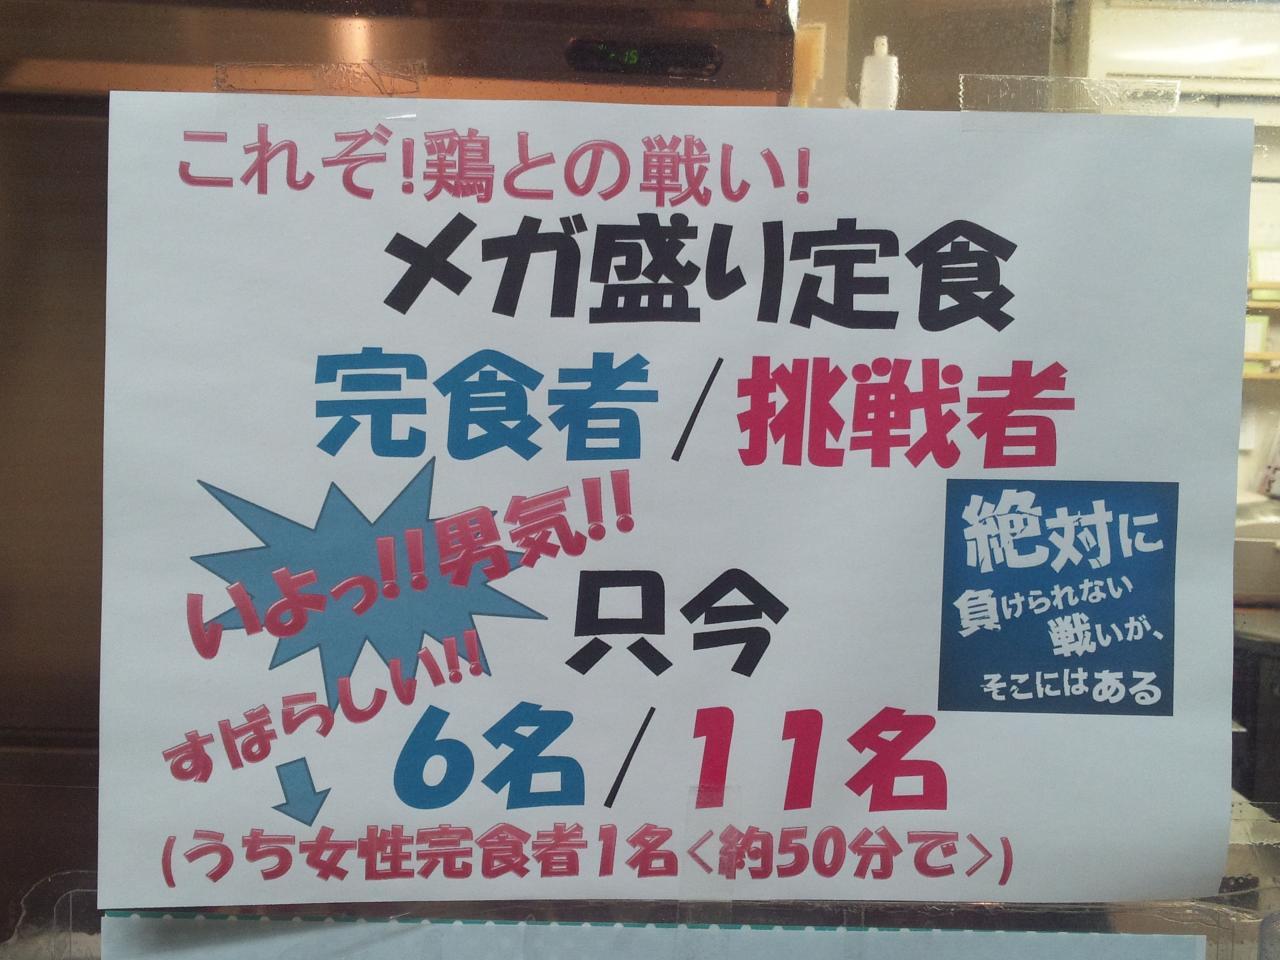 えぞや六角橋店(メガ盛り完食者ポスター)